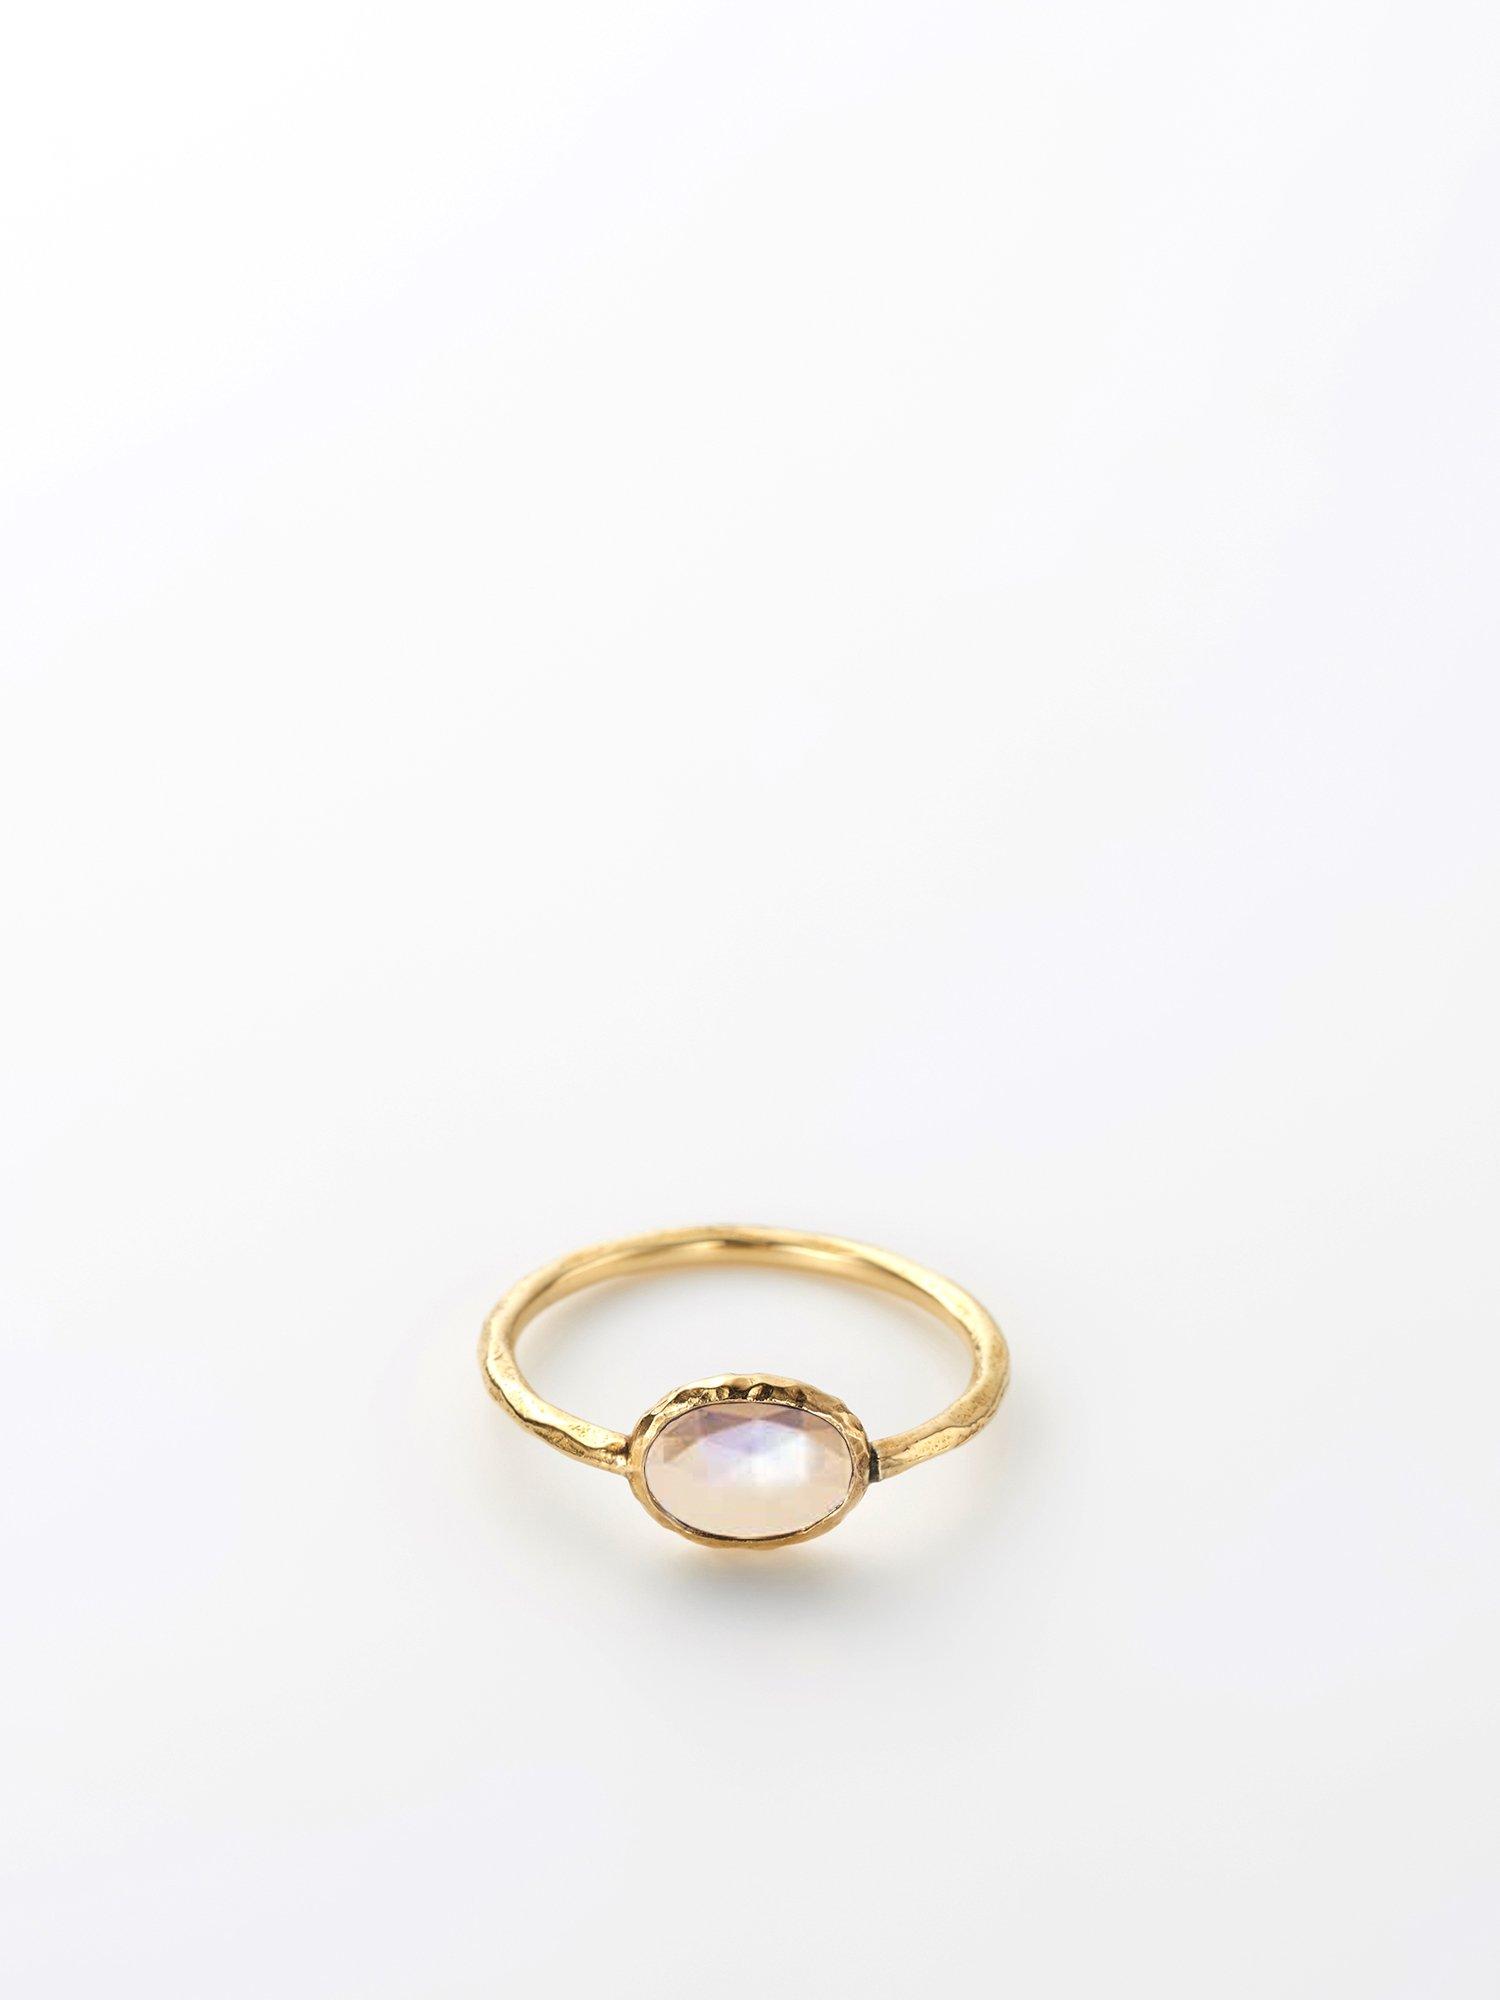 HISPANIA / Hispania lux ring / Royal moonstone